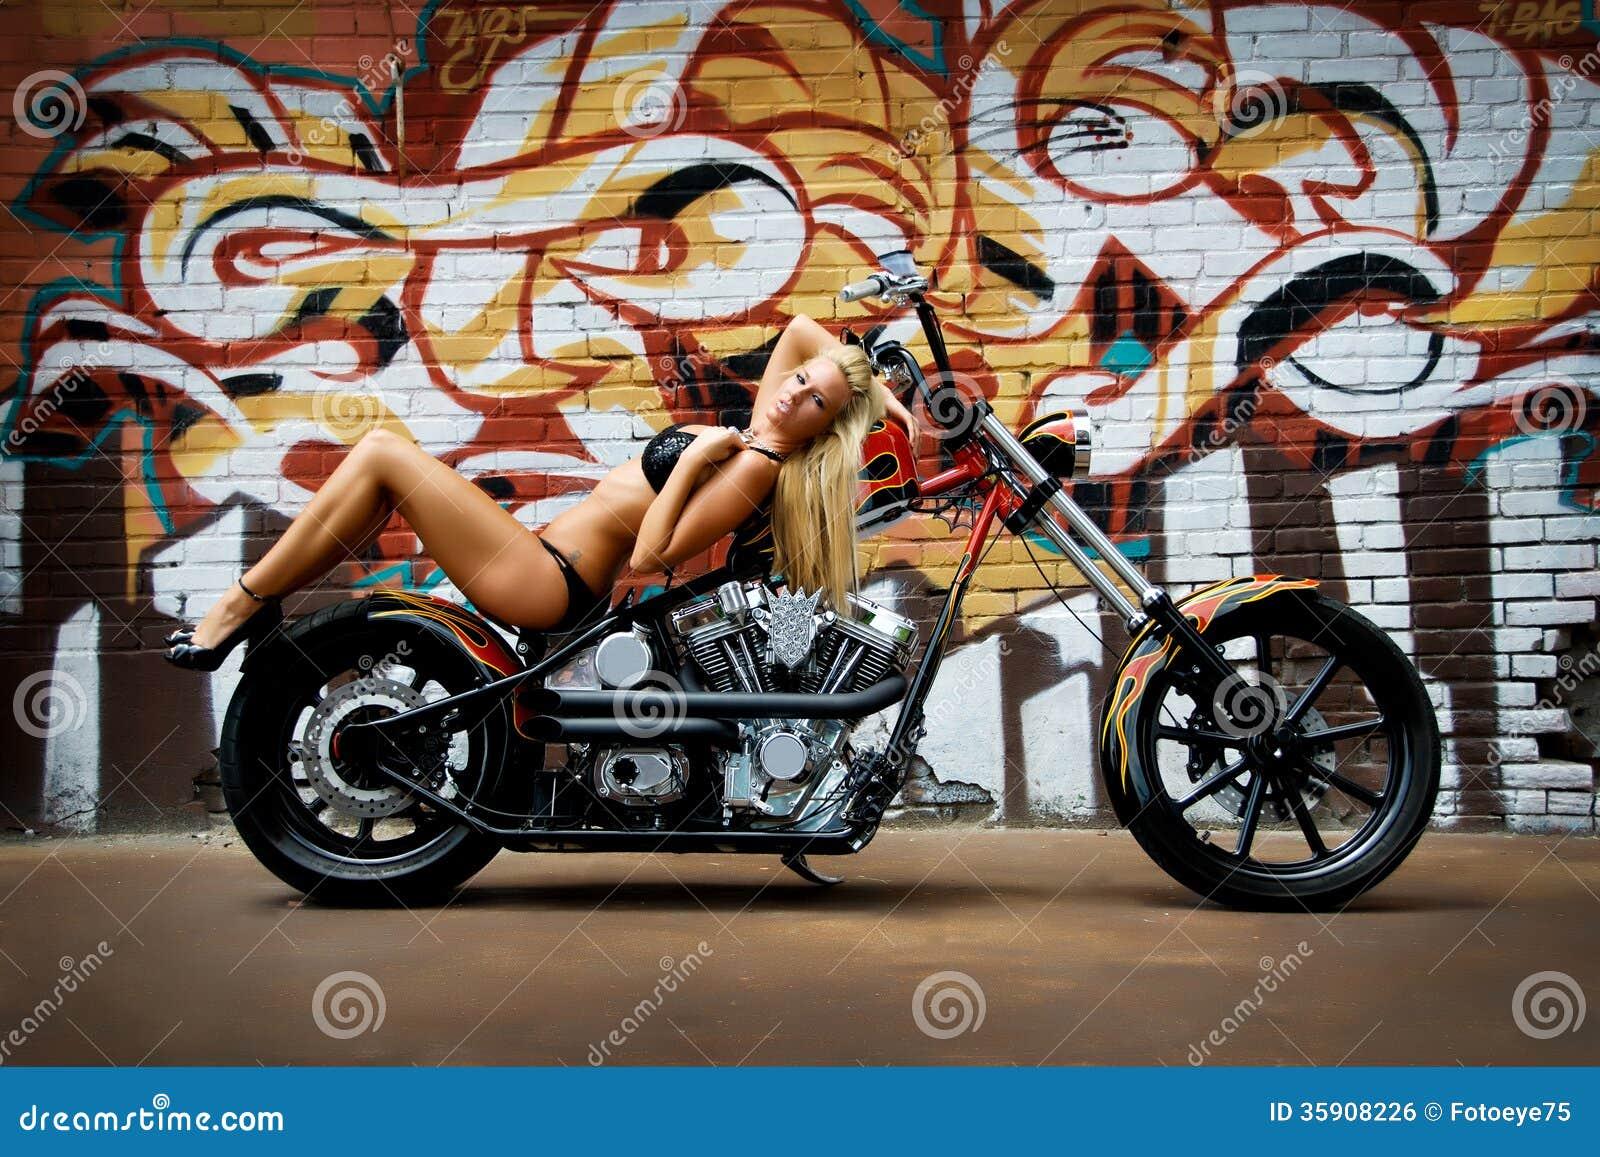 Сексуальное бикини девушки на мотоцикле